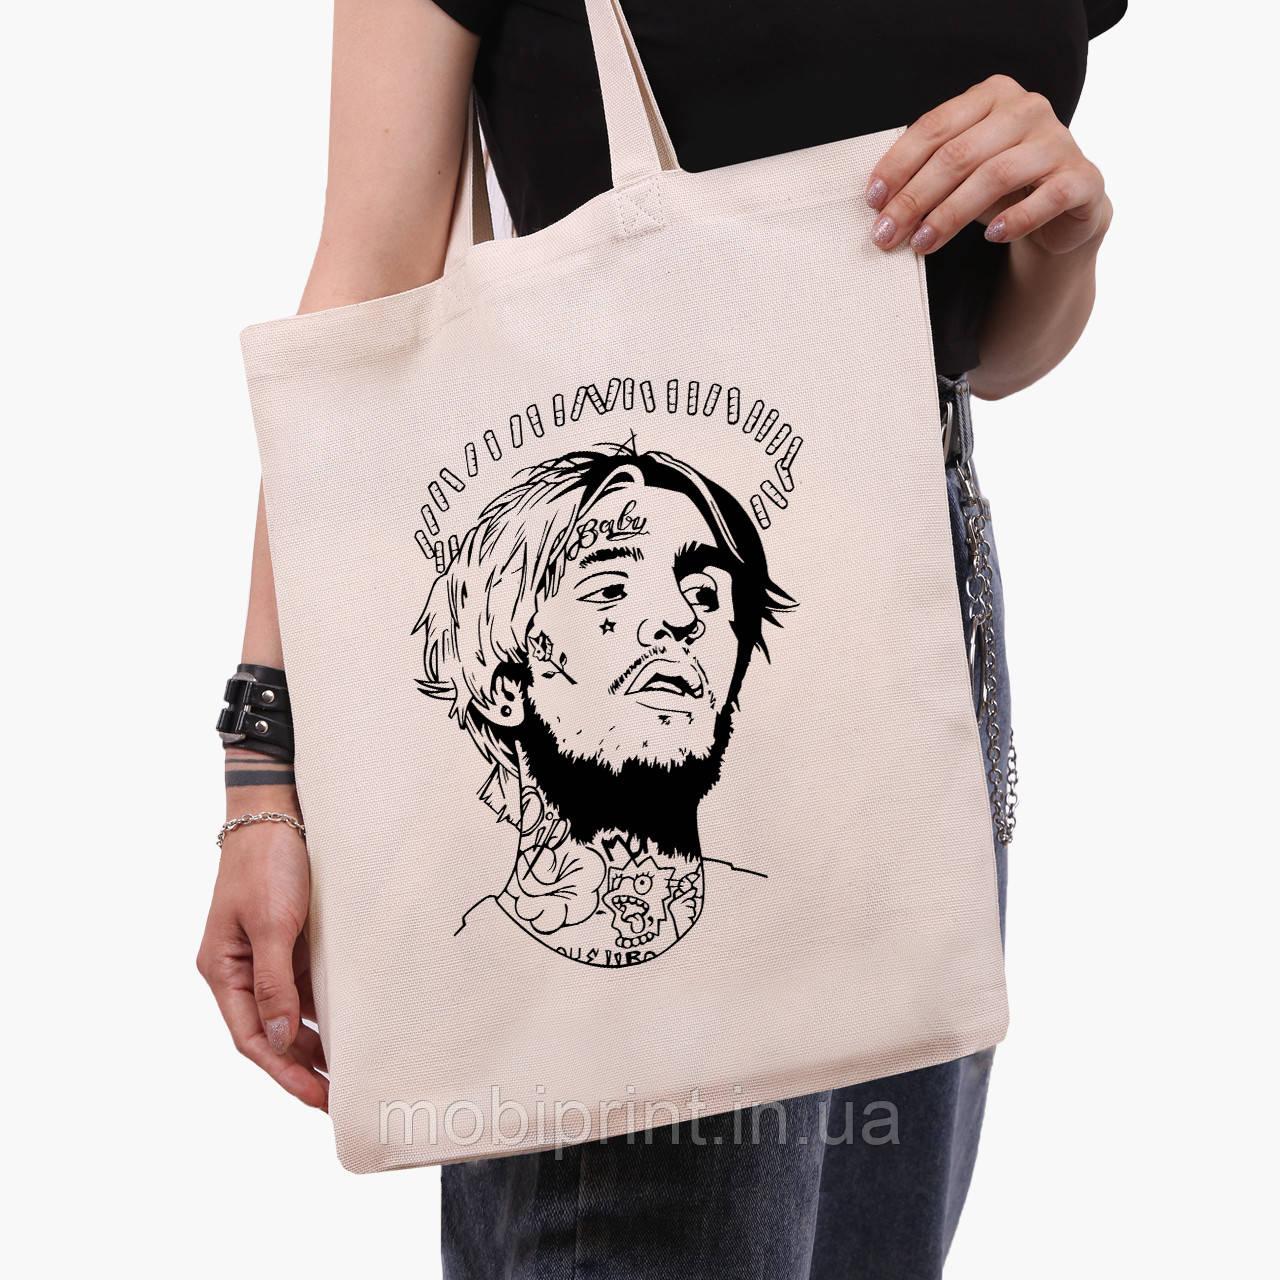 Еко сумка шоппер Лив Піп (Lil Peep) (9227-2634) 41*35 см